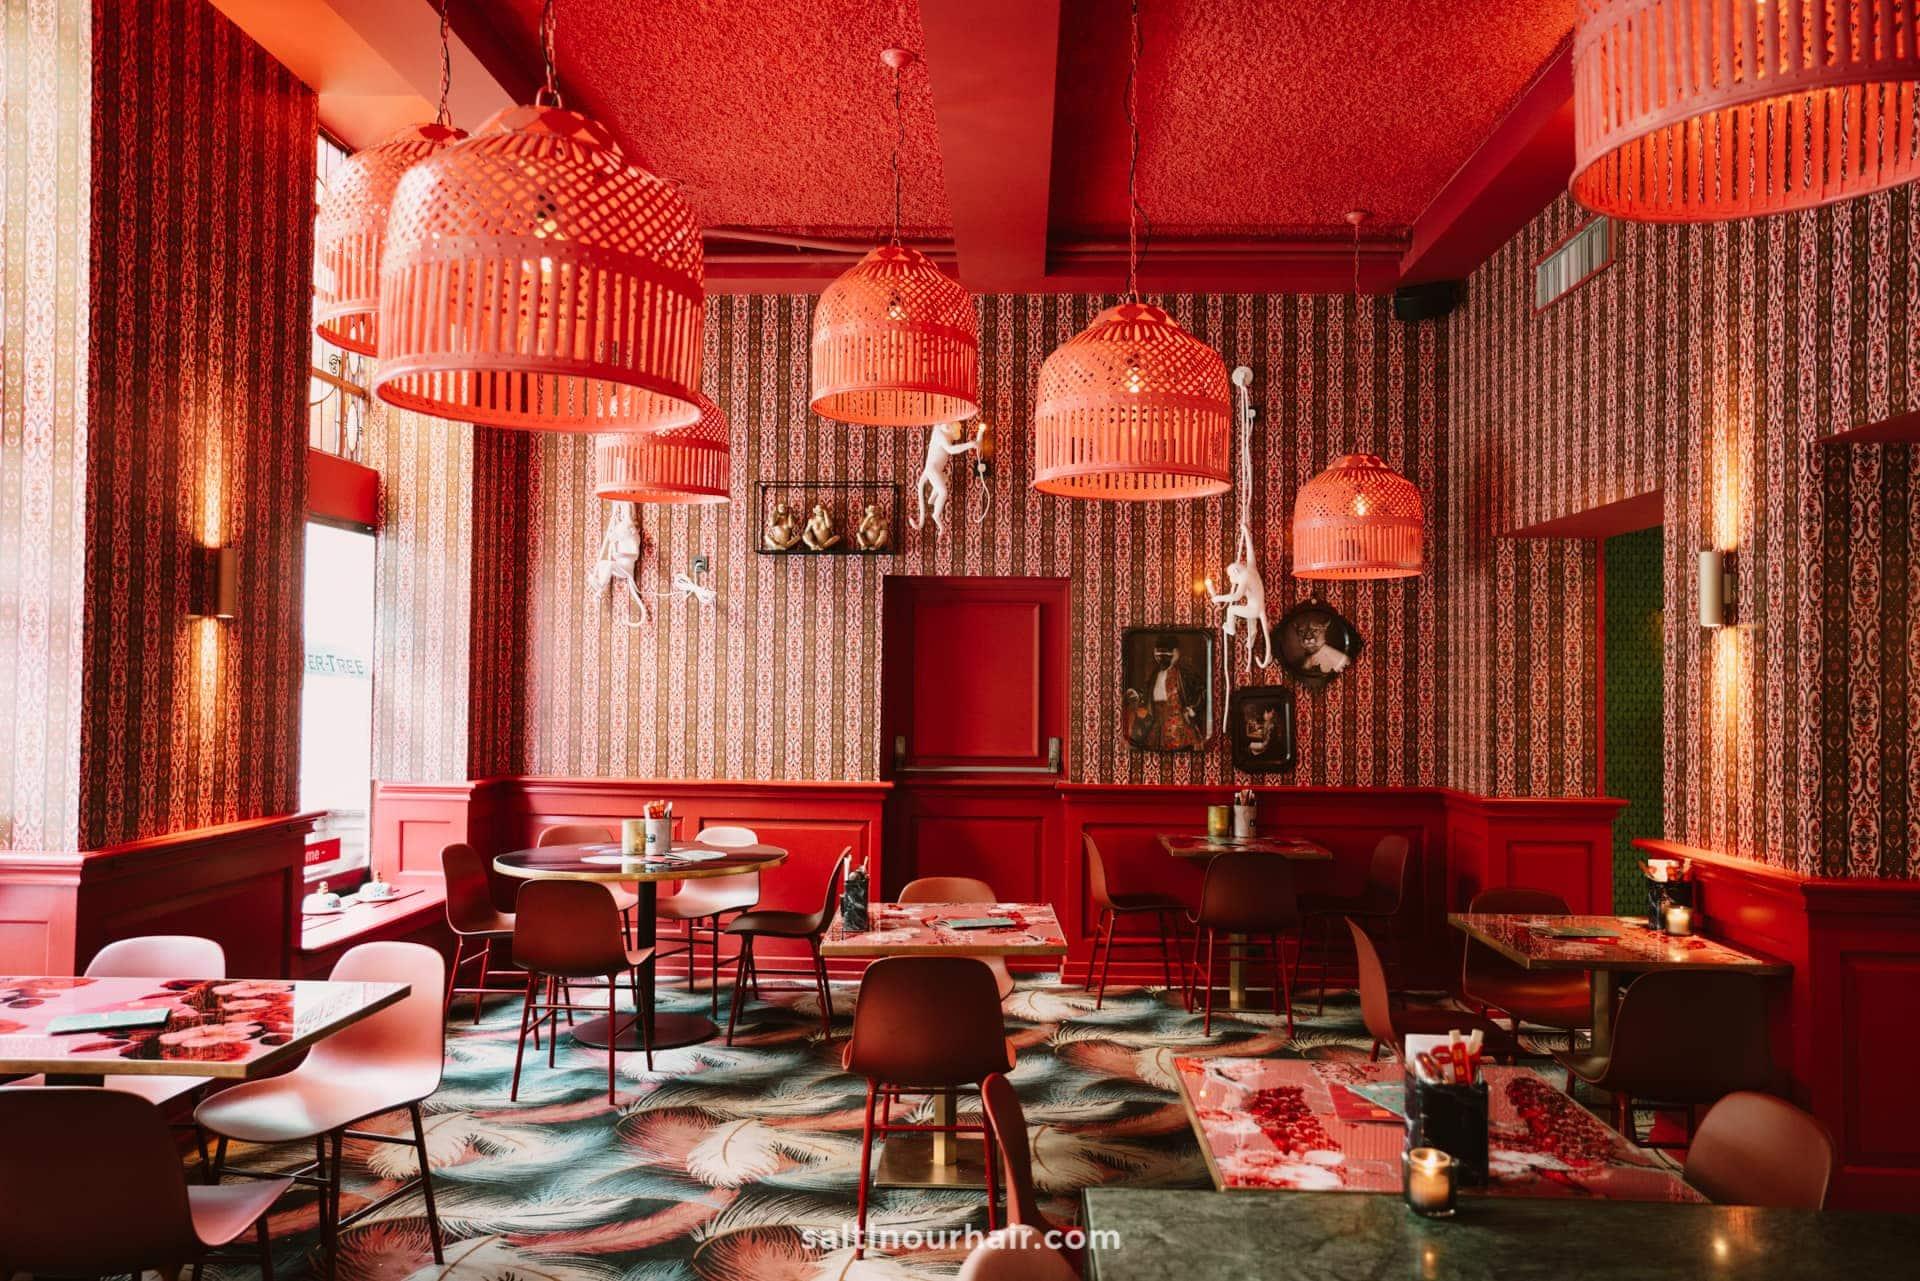 utrecht things to do best restaurant